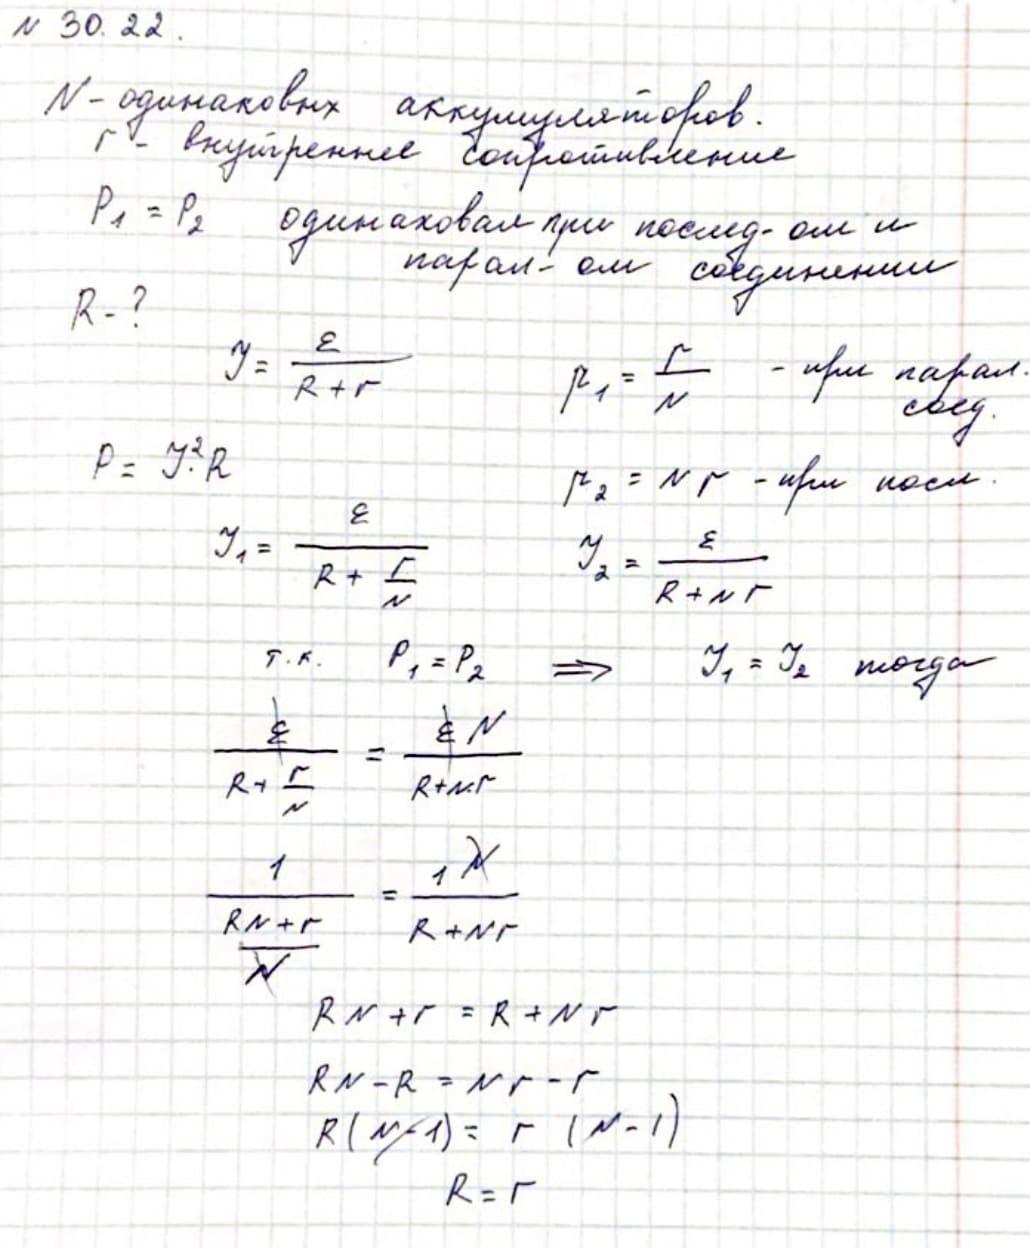 Решение задачи № 30.22 Л. А. Кирик стр. 235